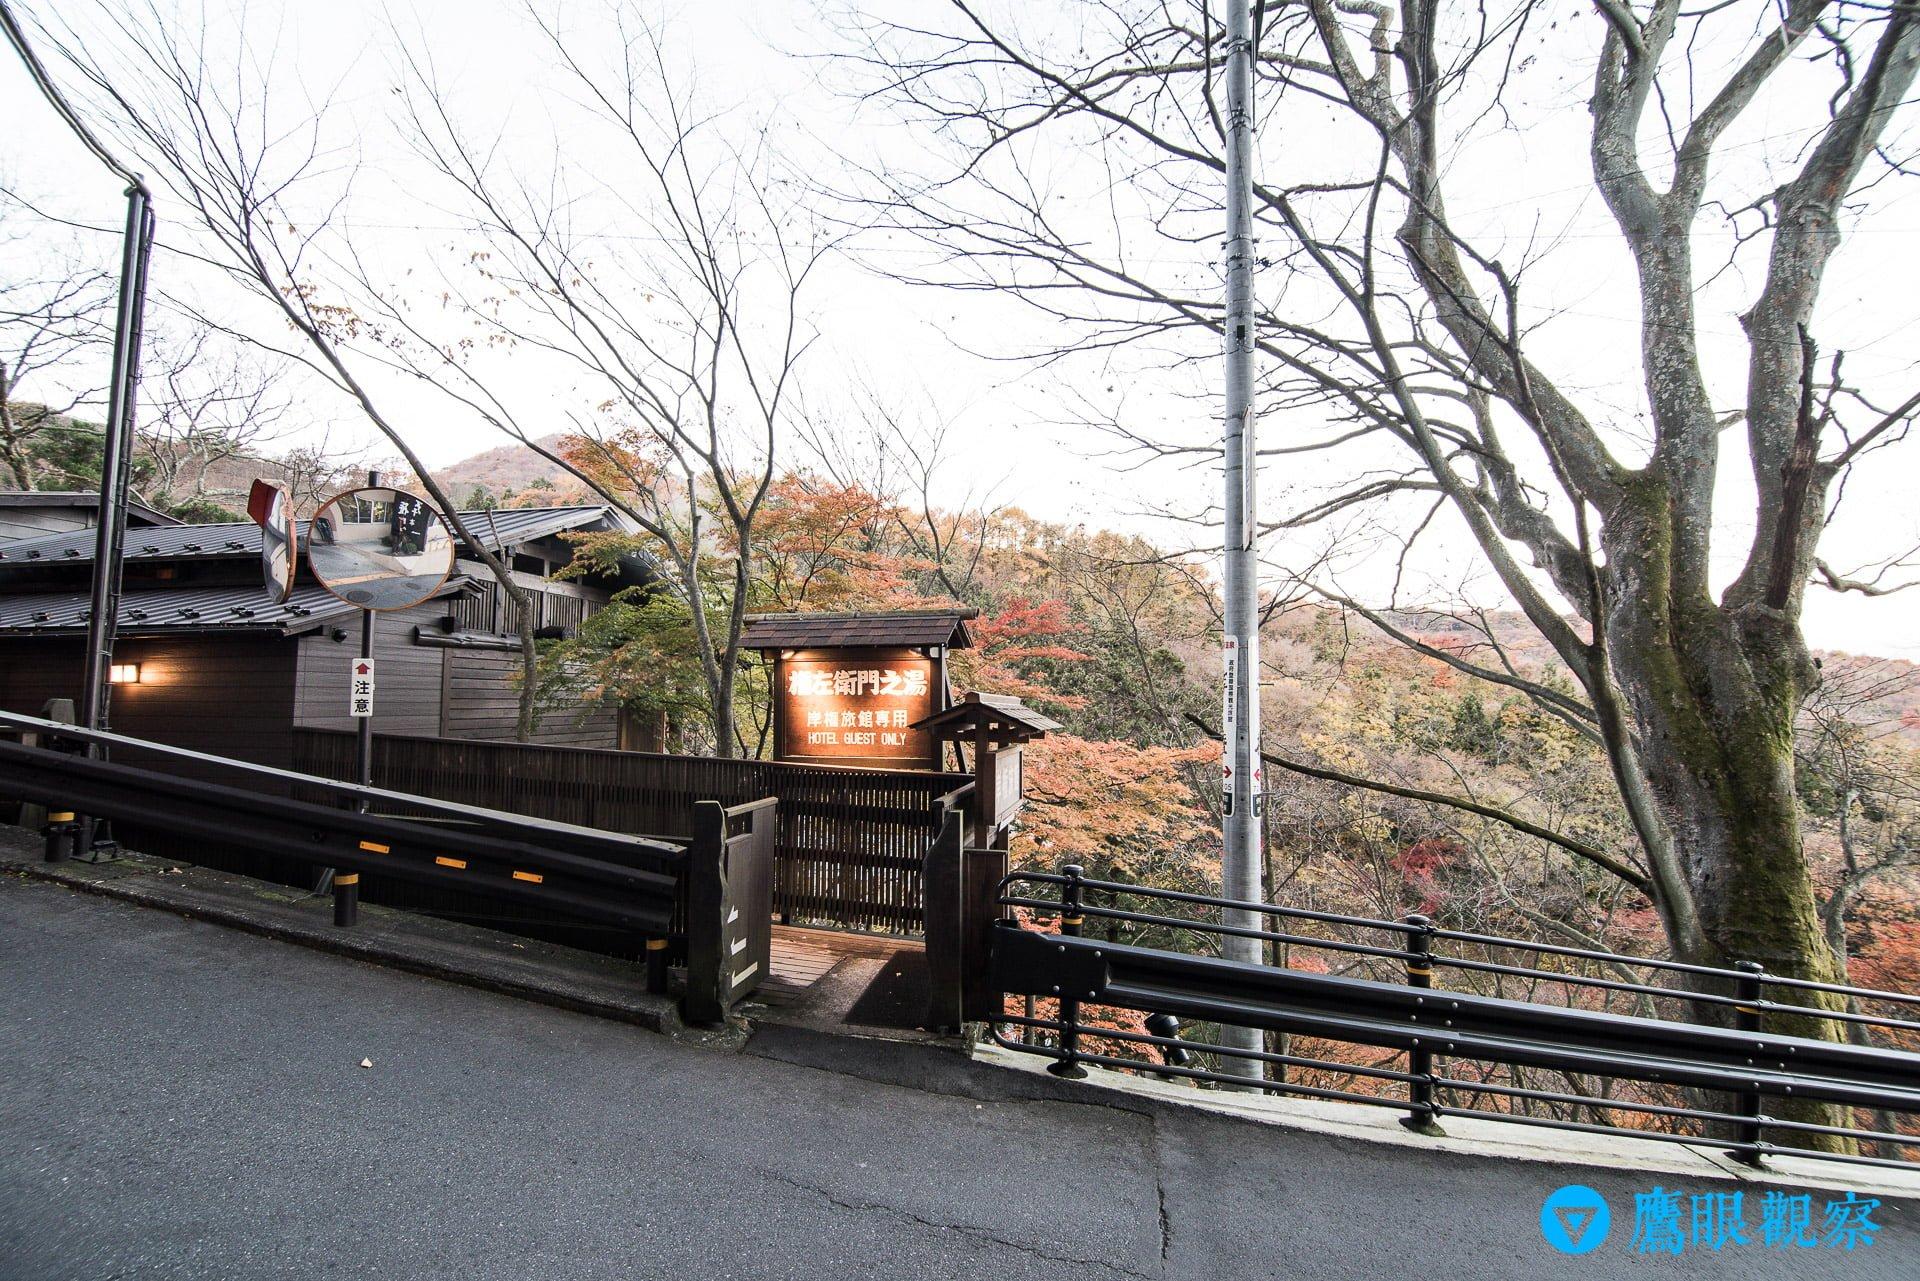 travel Japan gunma kishigon ryokan hotel in izumo spa hot spring 42 群馬縣伊香保溫泉「岸權旅館」日本旅館住宿推薦